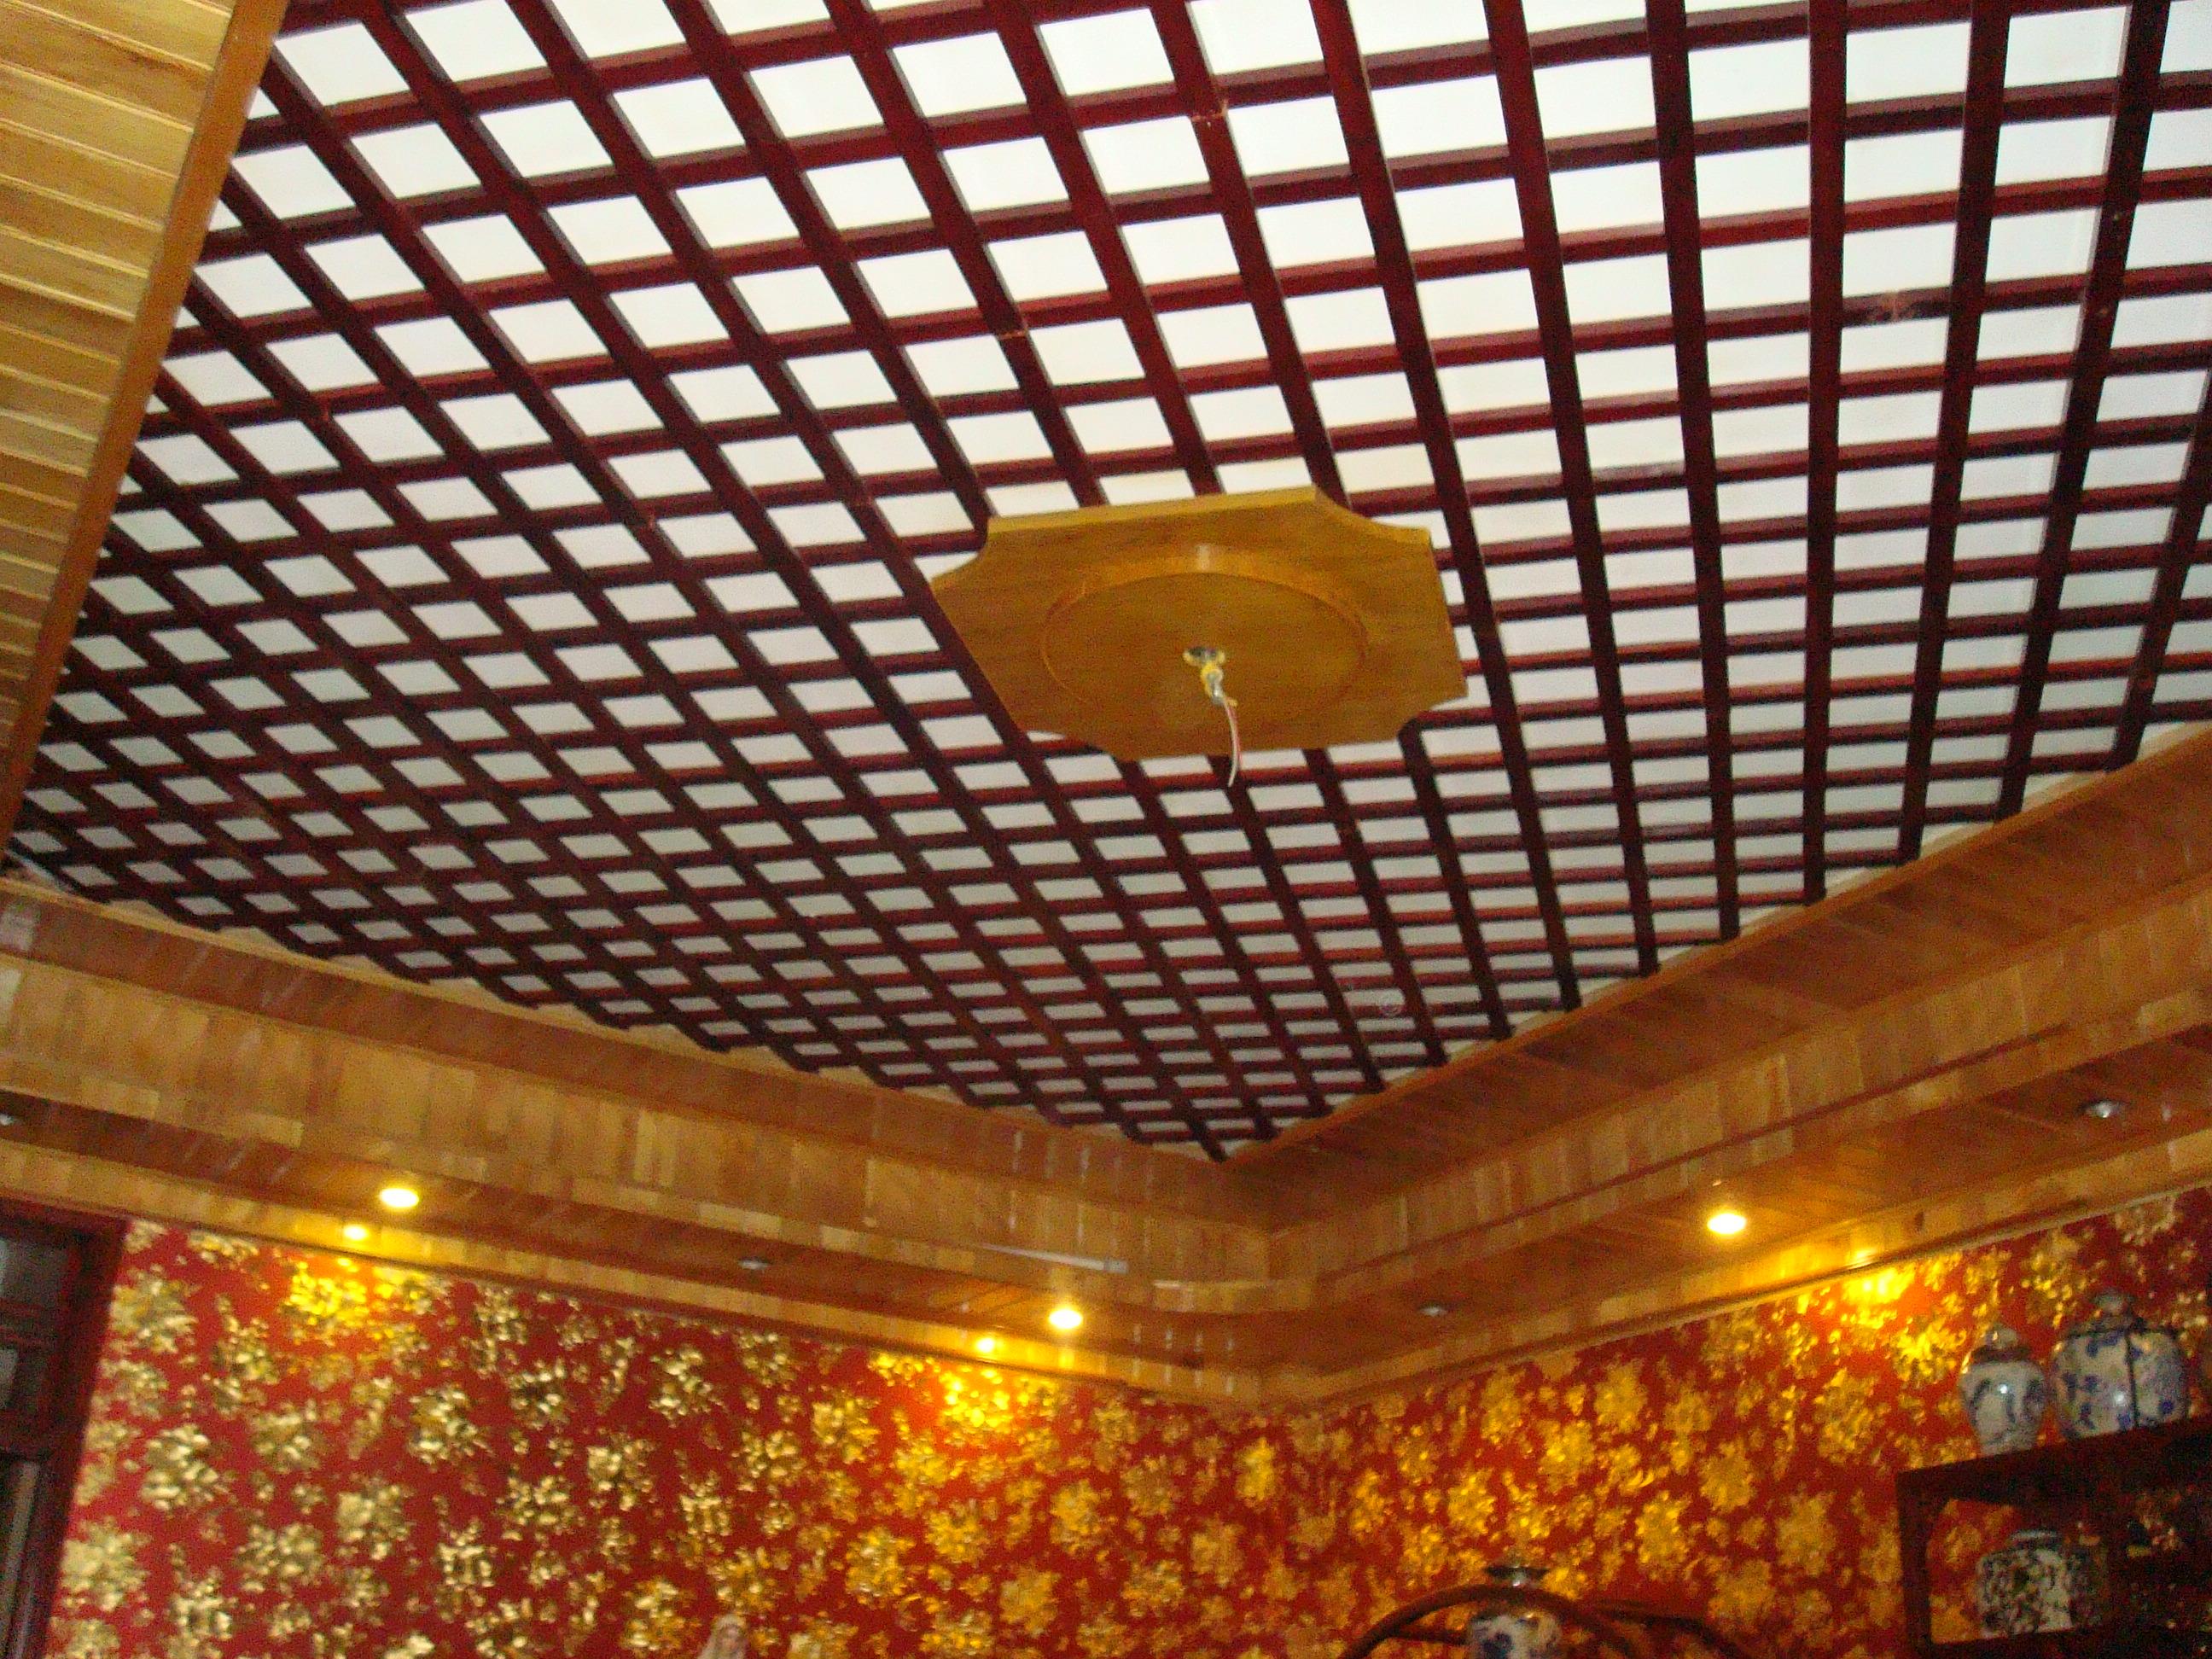 Quy trình thi công trần gỗ